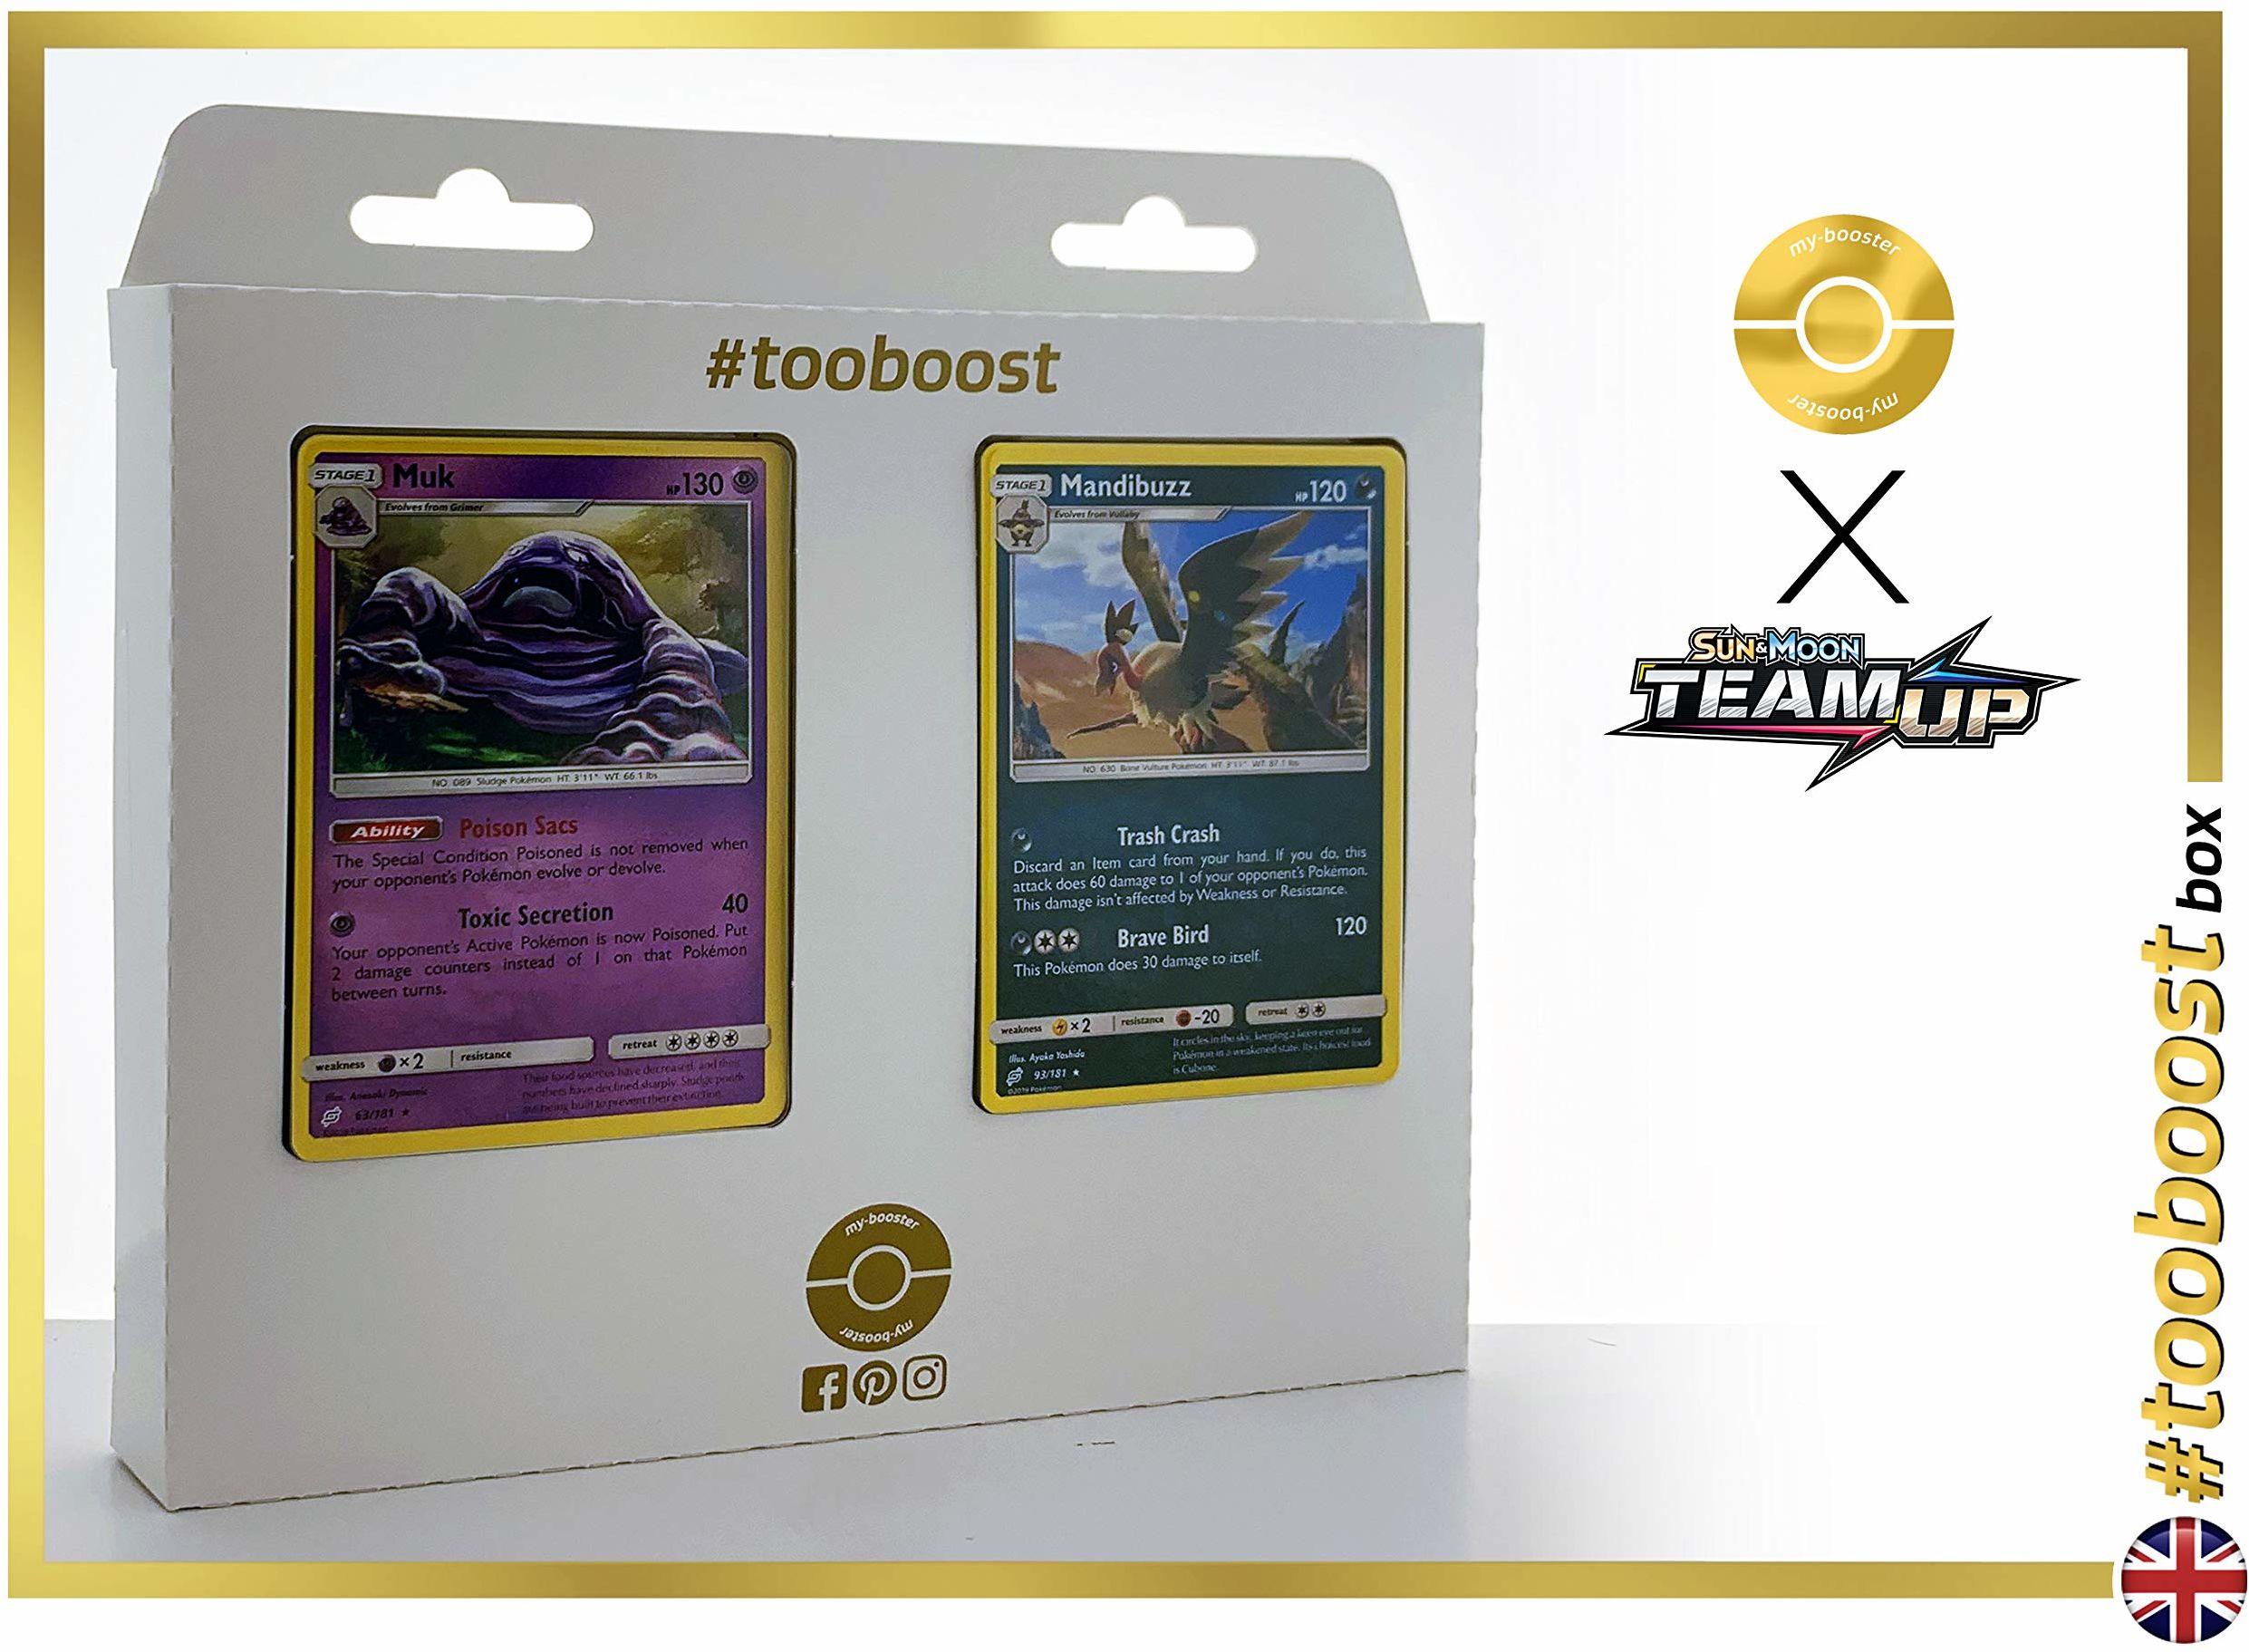 Muk (Sleimok) 63/181 & Mandibuzz (Grypheldis) 93/181  #tooboost X Sun & Moon 9 Team Up  pudełko z 10 angielskimi kartami Pokémon + 1 Goodie Pokémon